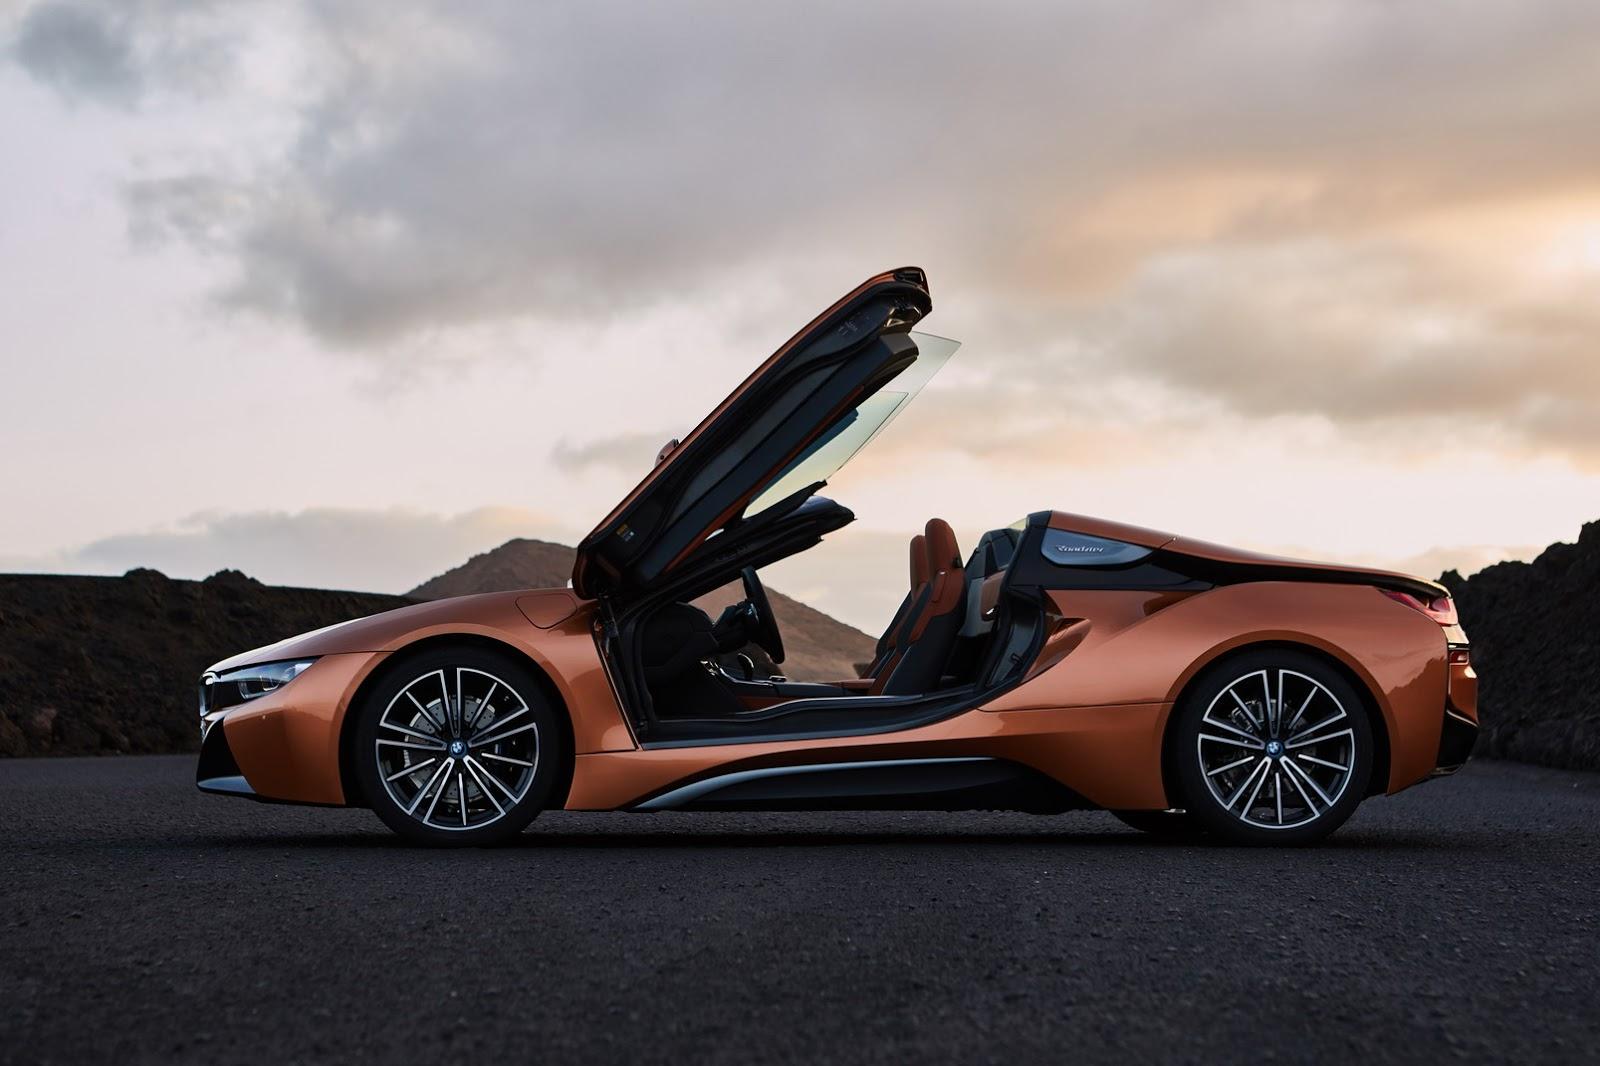 Смотреть BMW i8 Spyder 2019 - фото, характеристика, цена видео